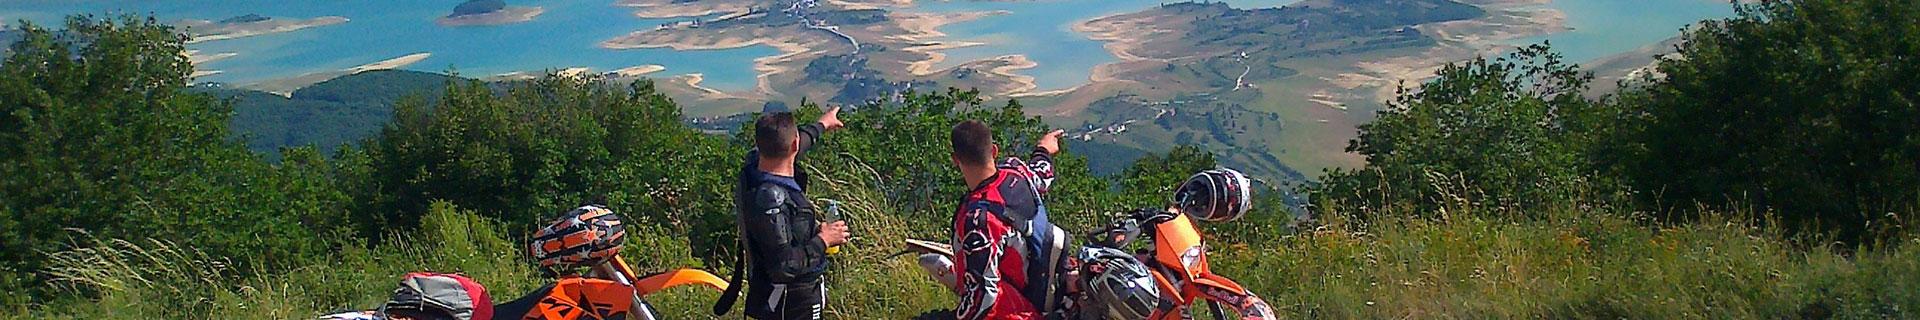 enduroreise-bosnien-motorrad-tour-slider-02